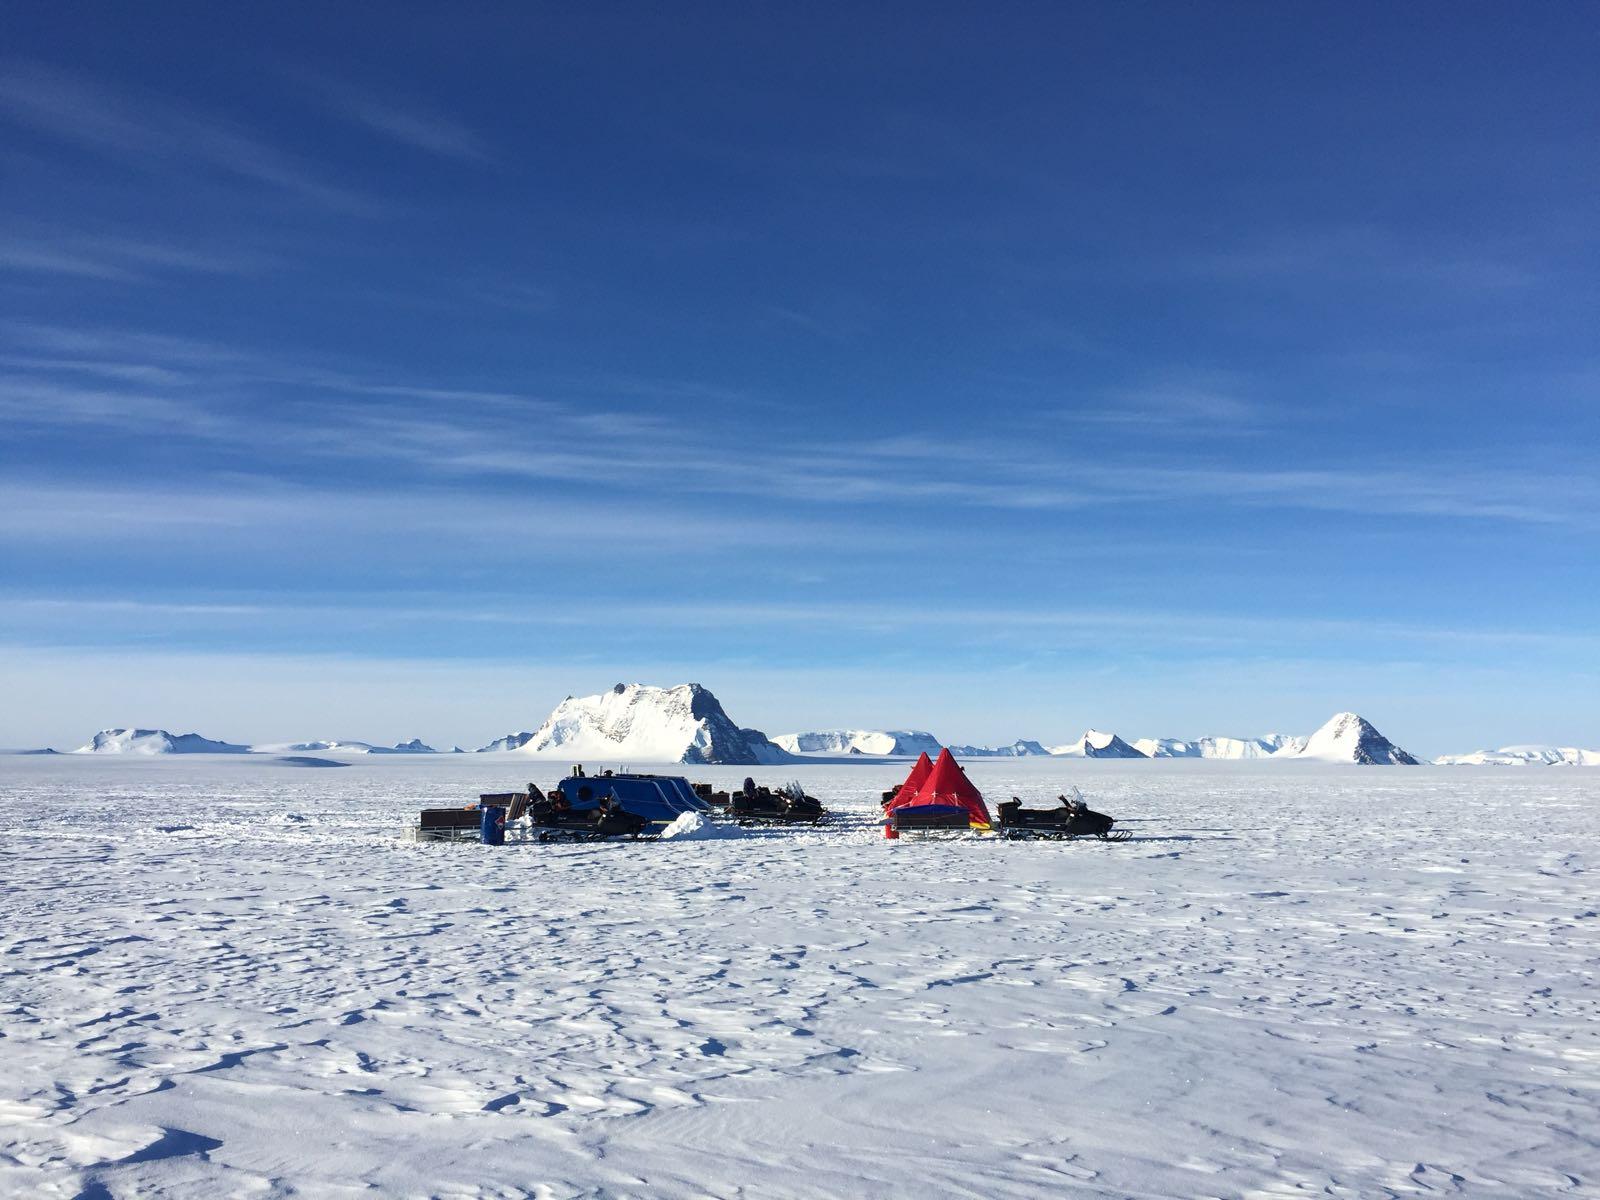 Forskarnas läger på isen